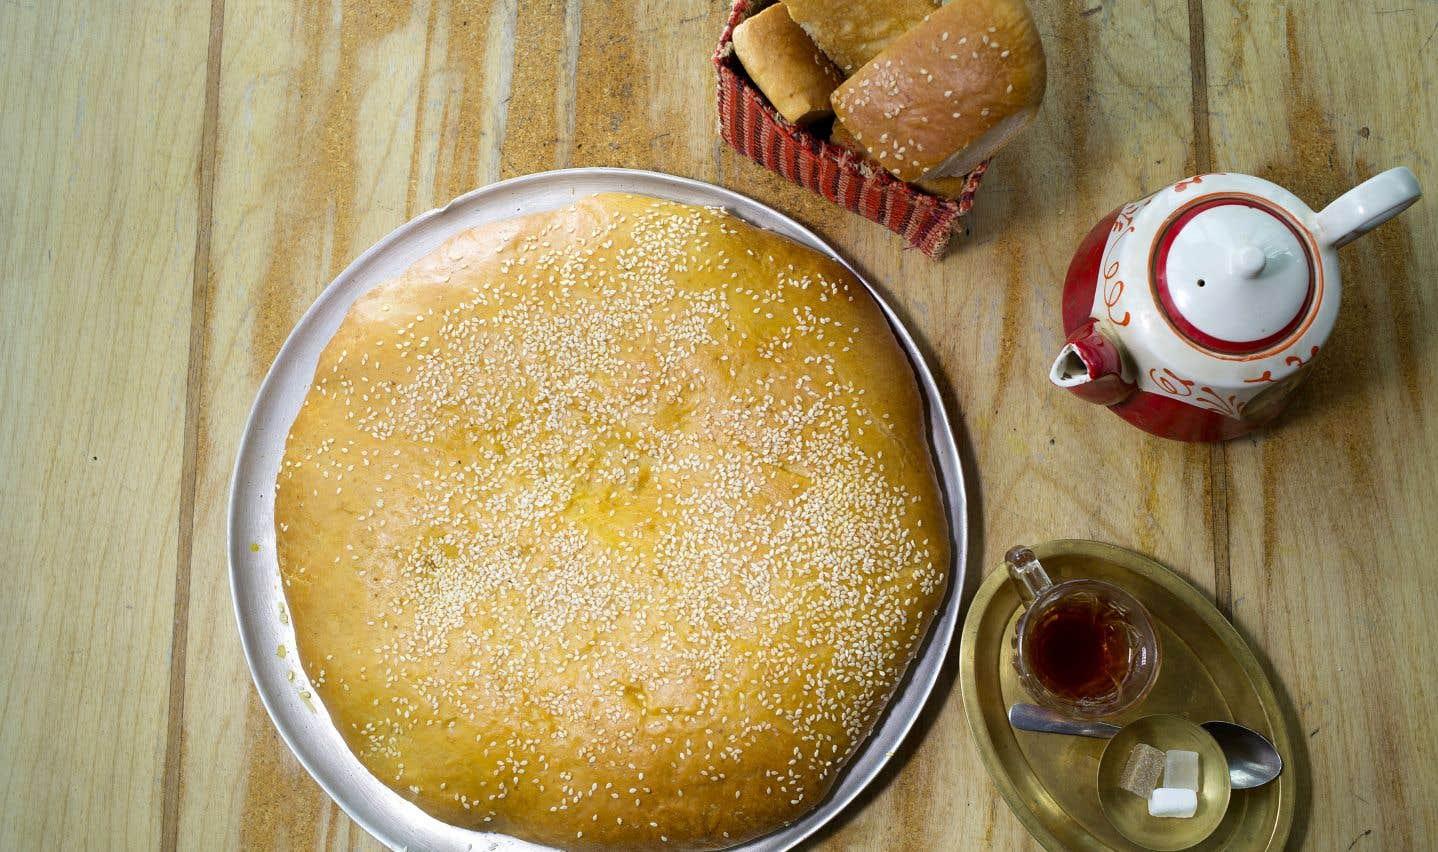 La recette de pain shirmal de la chef du Café Byblos, Heméla Pourafzal